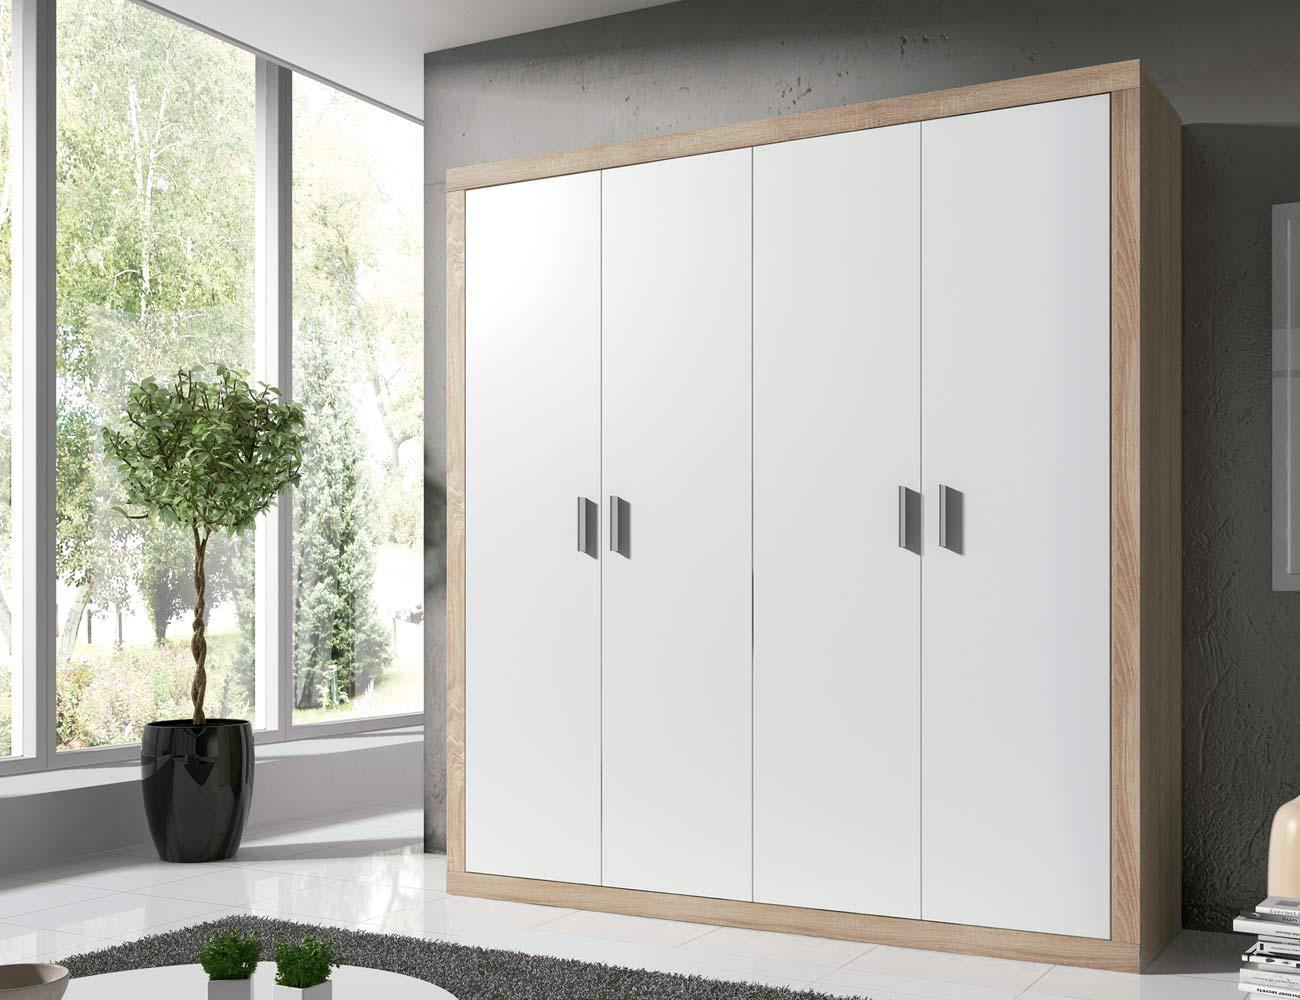 Detalle armario puertas abatibles cambrian blanco